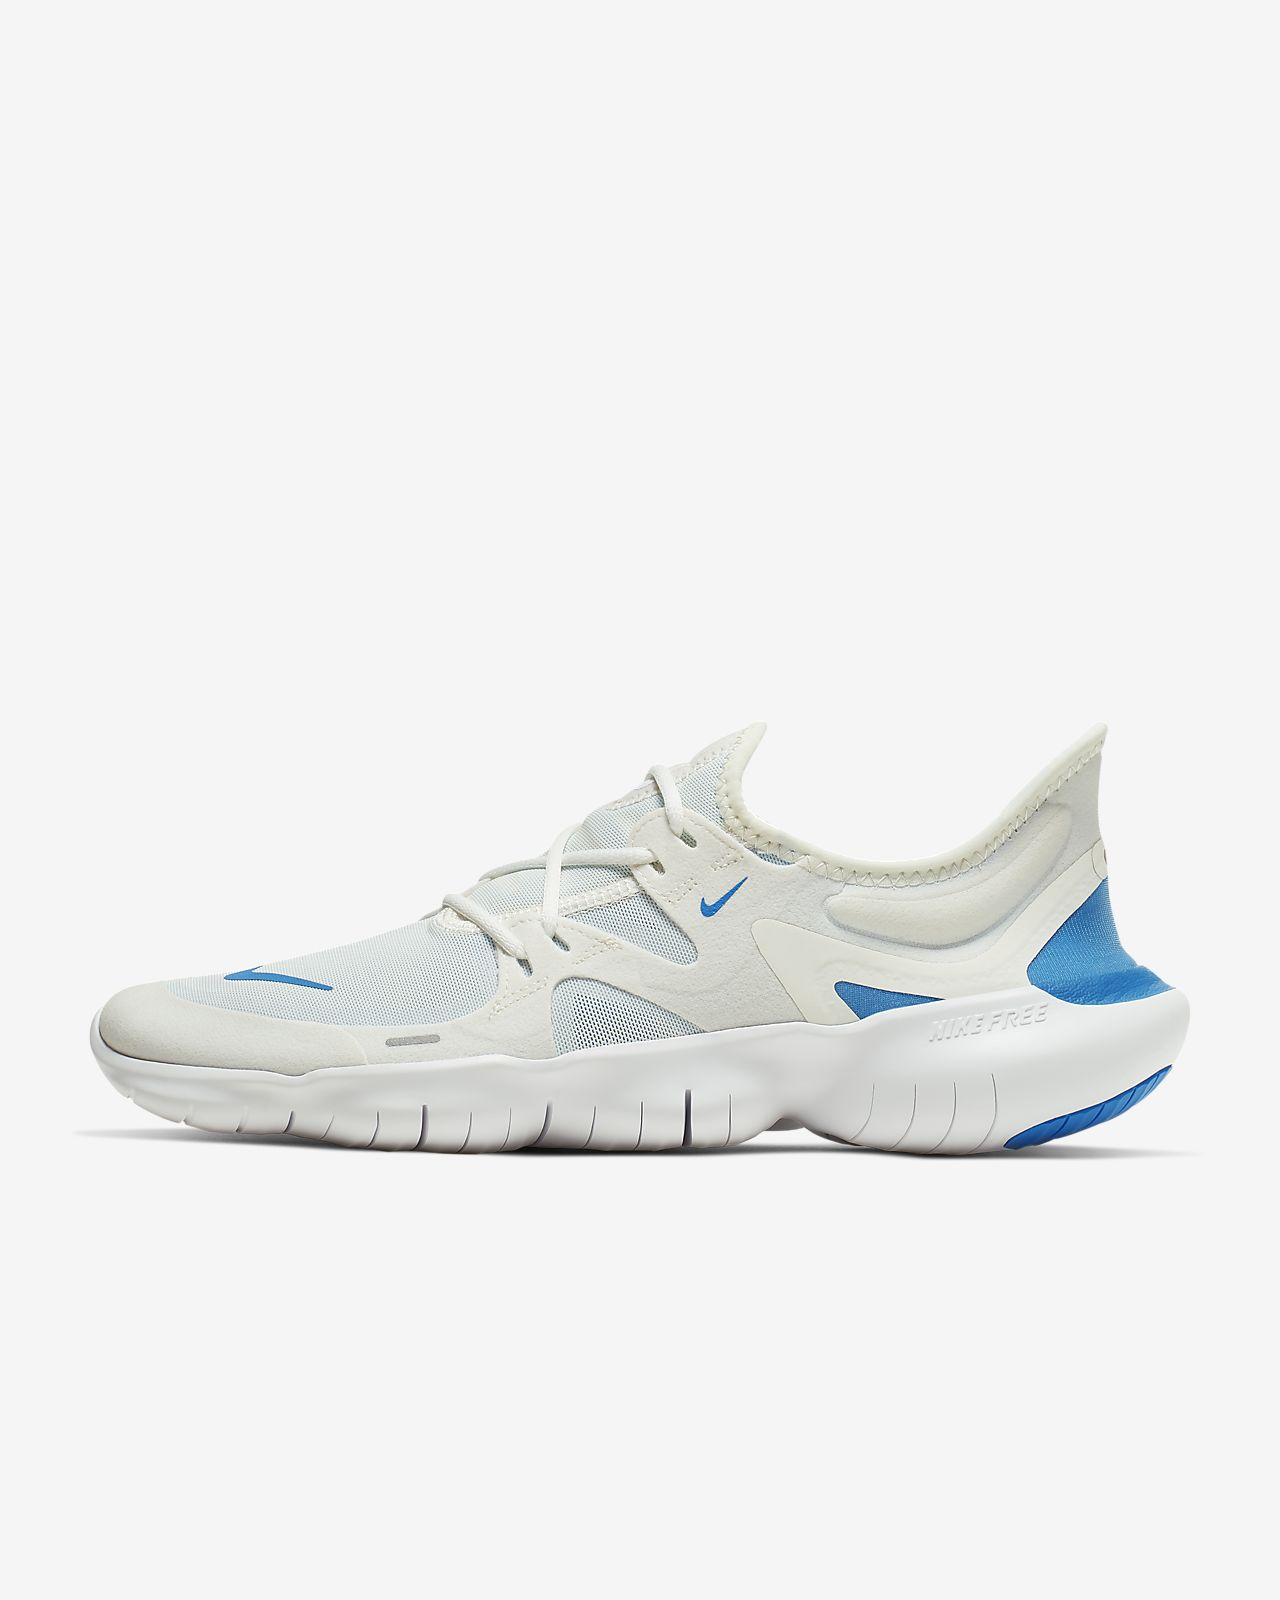 Ανδρικό παπούτσι για τρέξιμο Nike Free RN 5.0